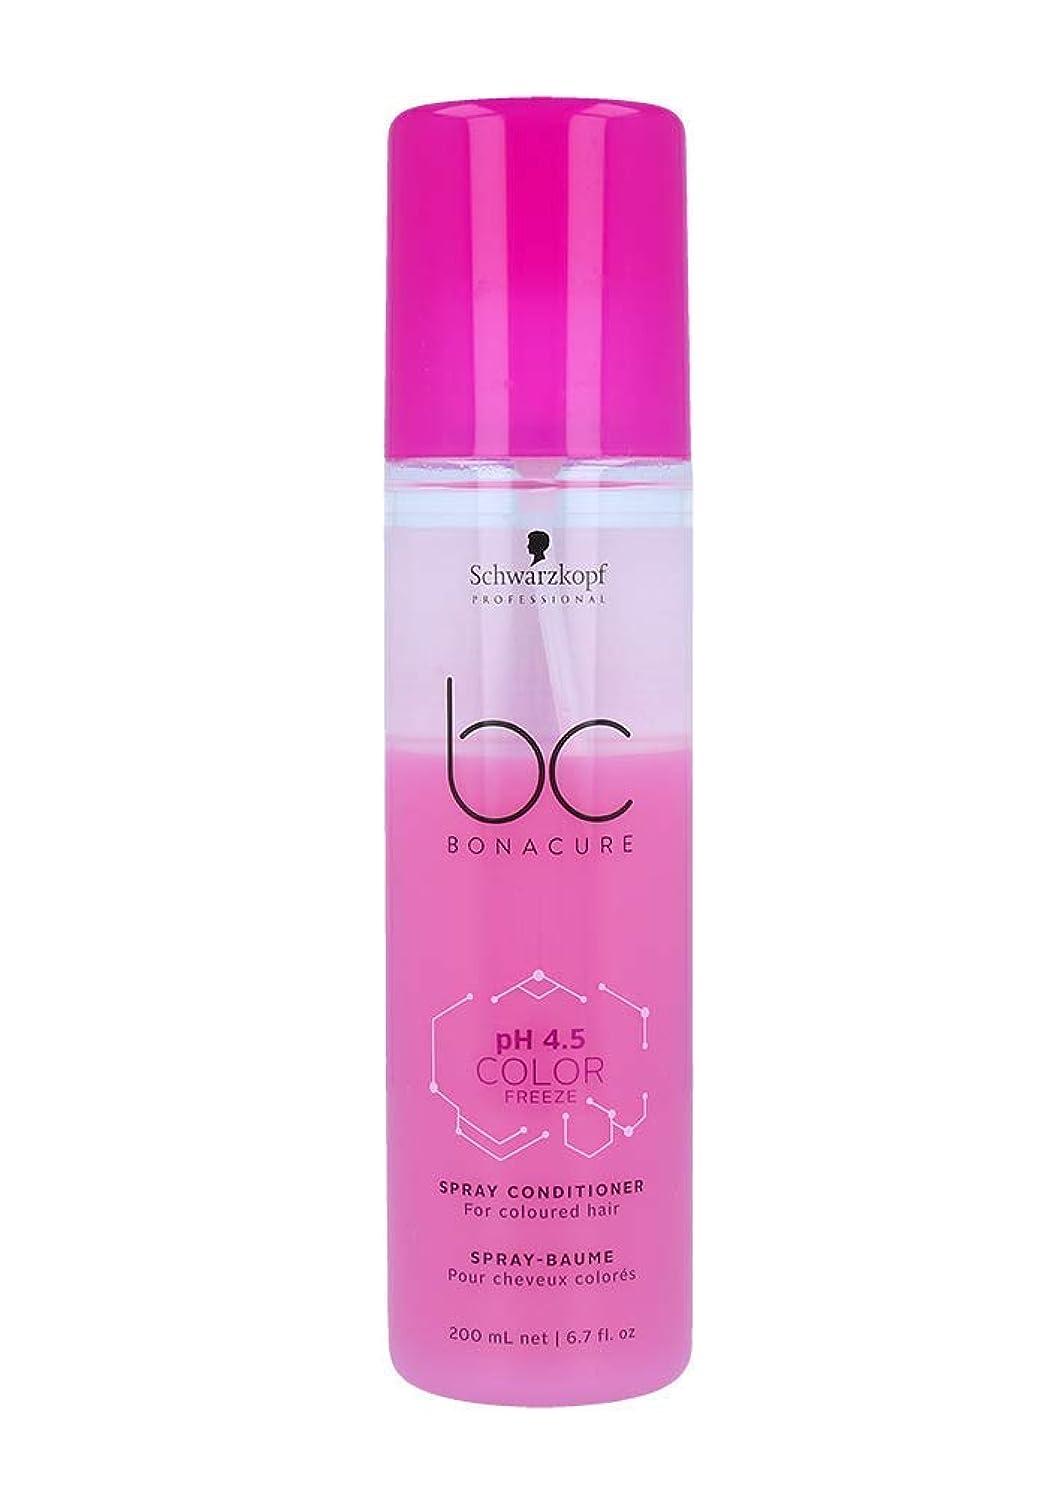 計器こねる腐ったシュワルツコフ BC pH 4.5 カラー フリーズ スプレー コンディショナー Schwarzkopf BC Bonacure pH 4.5 Color Freeze Spray Conditioner For Coloured Hair 200 ml [並行輸入品]